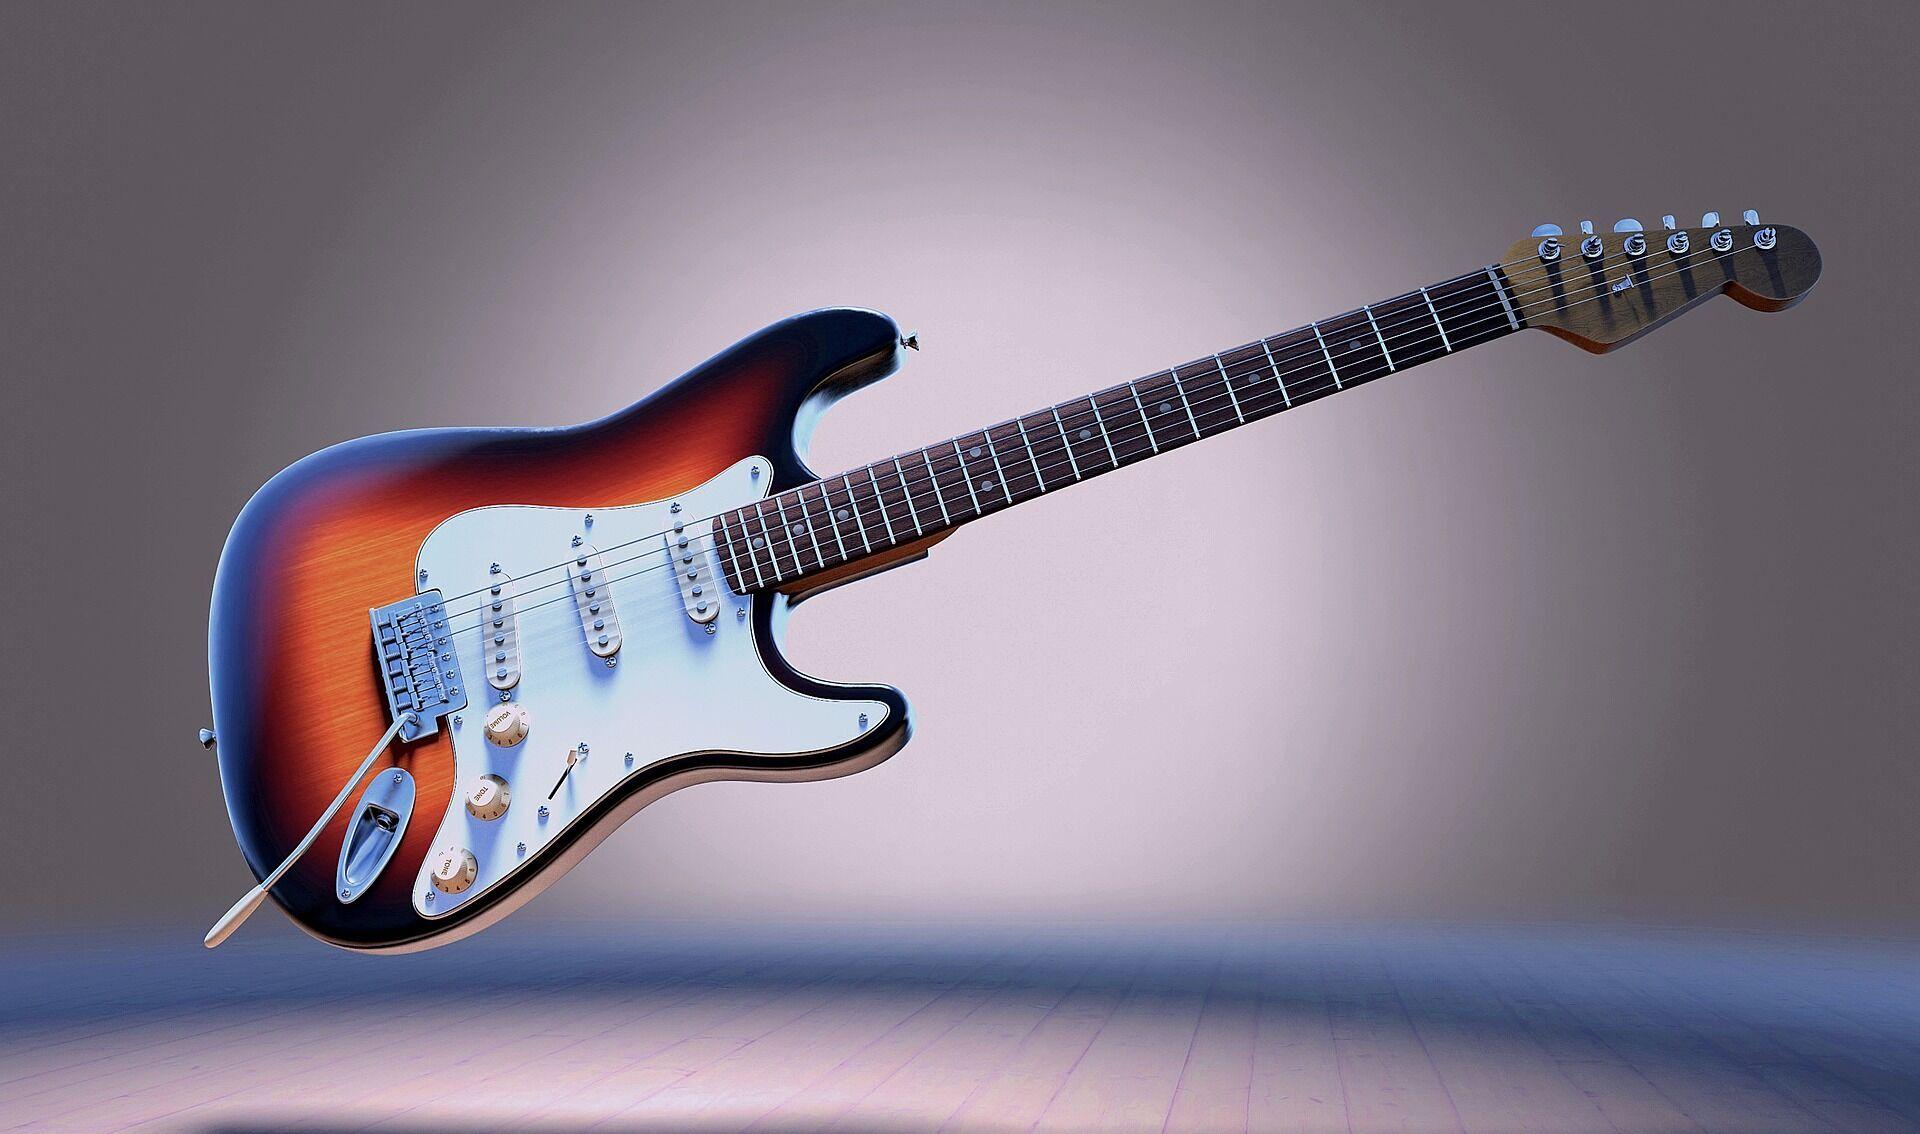 13 апреля отмечается Всемирный день рок-н-ролла